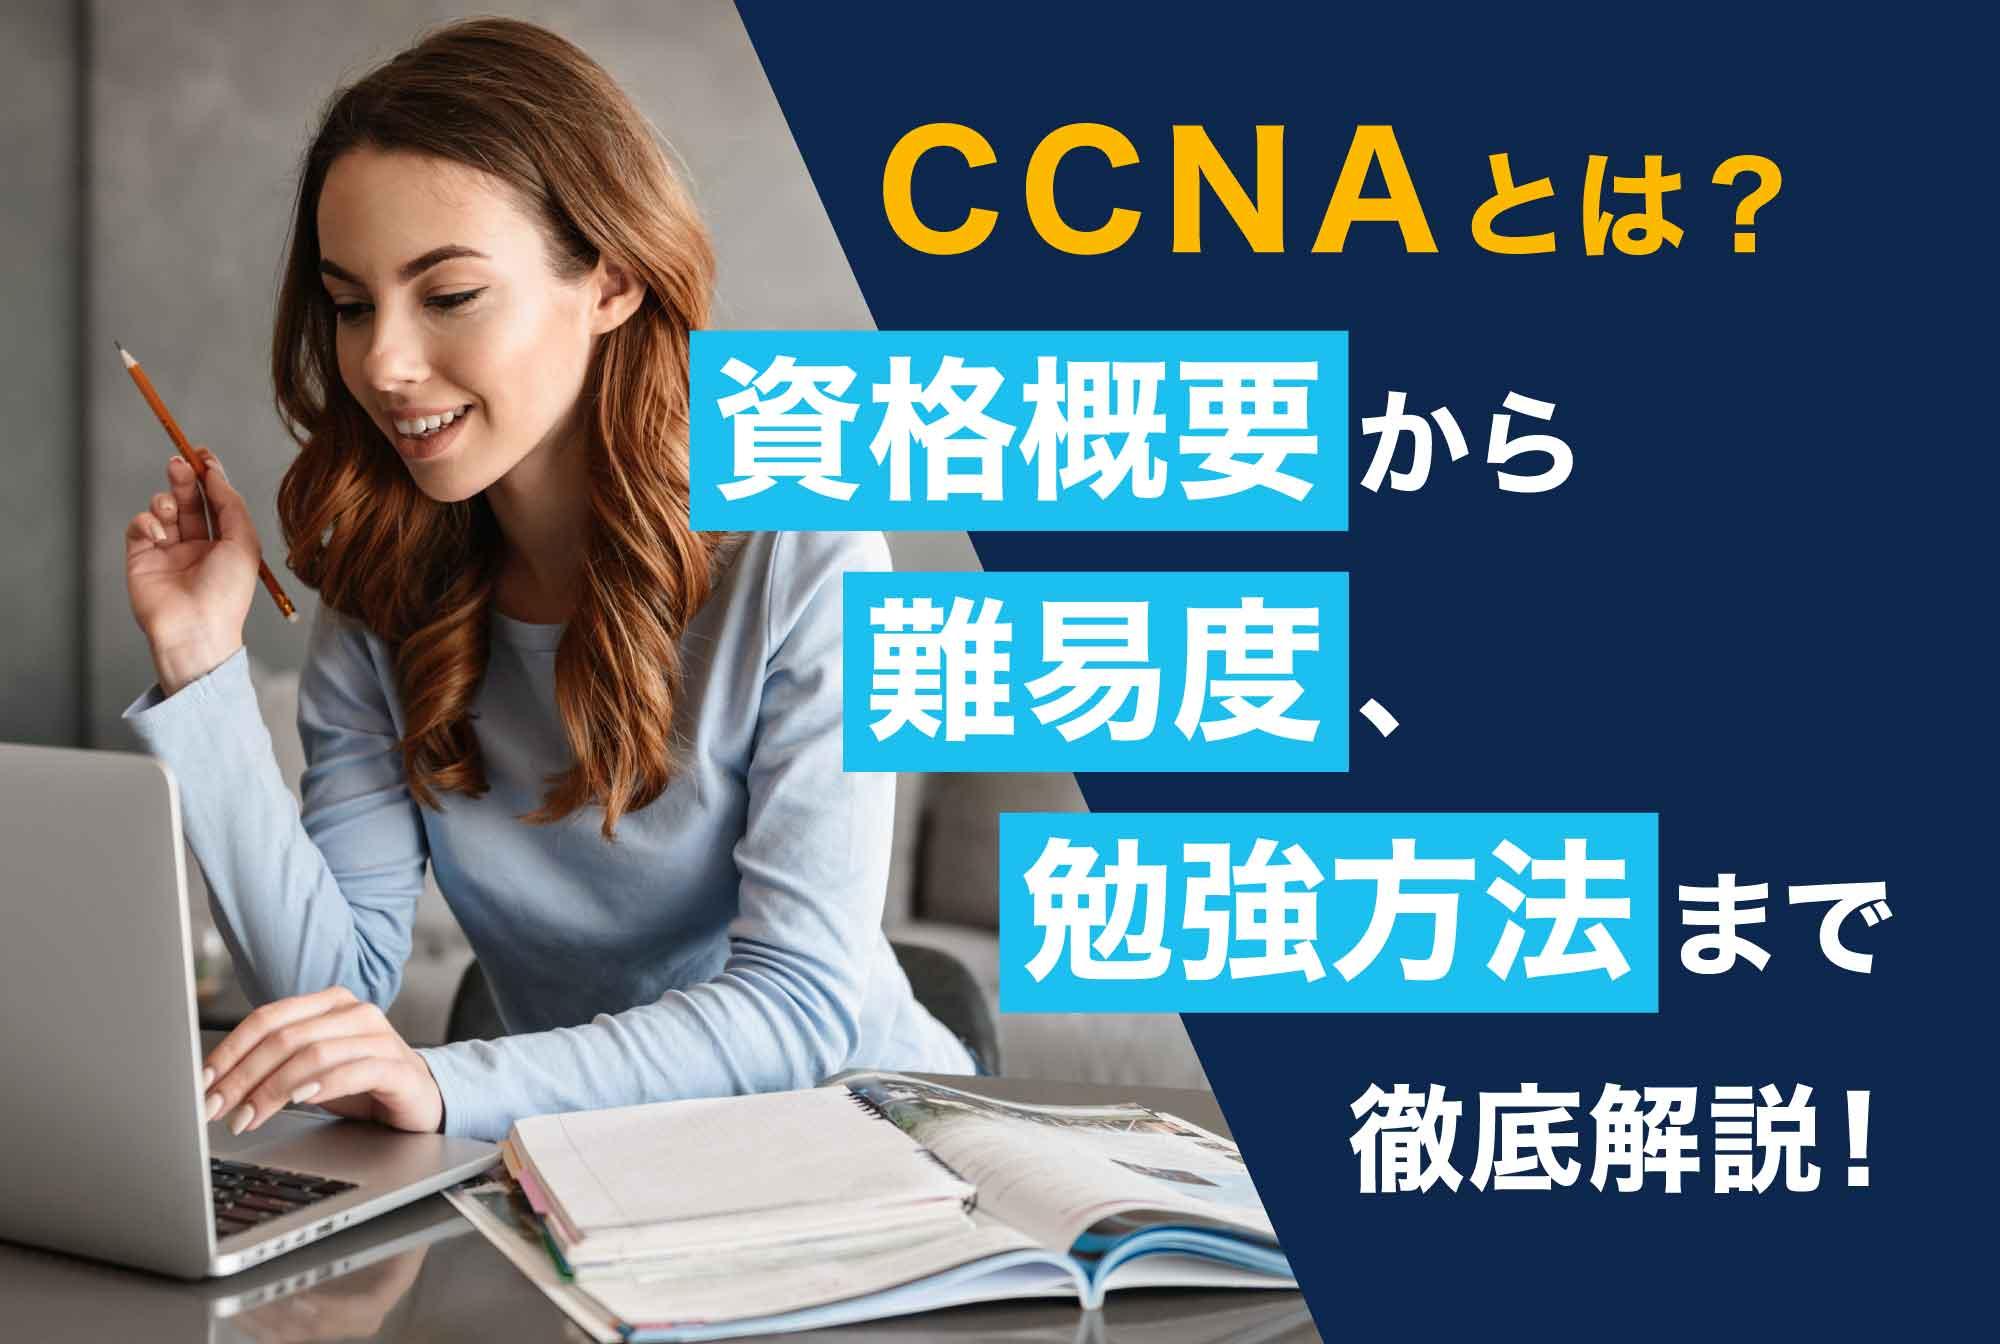 CCNAについてのアイキャッチ画像